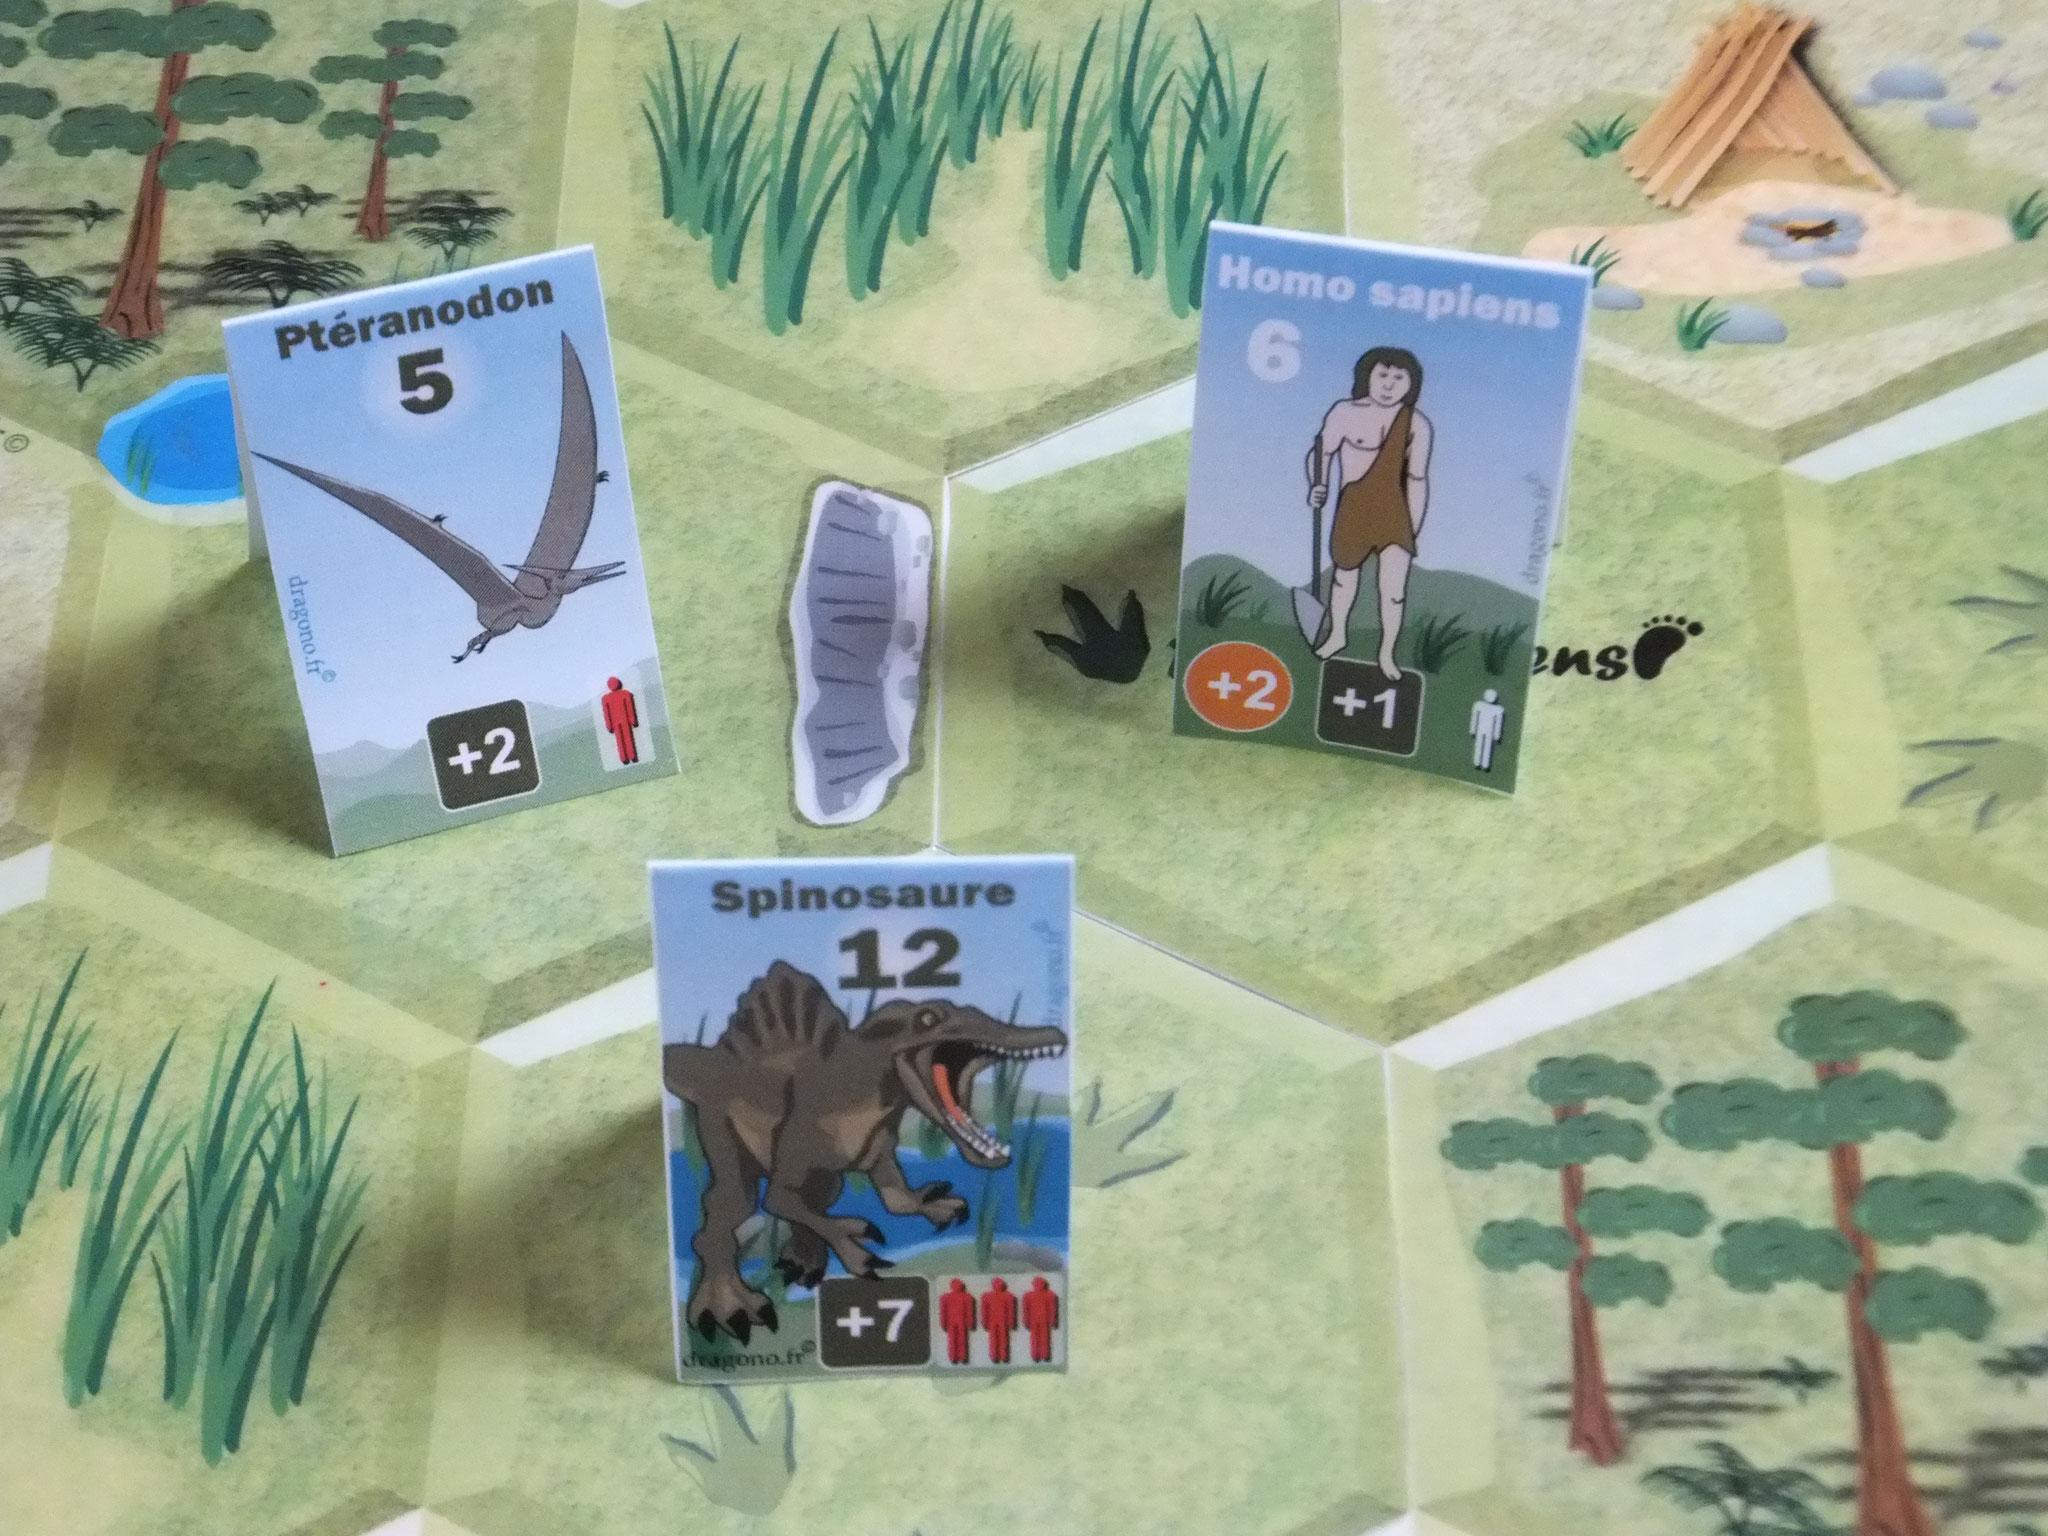 Jeux A Imprimer Pour Enfants, Famille, Ludiques, Éducatifs avec Jeux Des Differences Gratuit A Imprimer